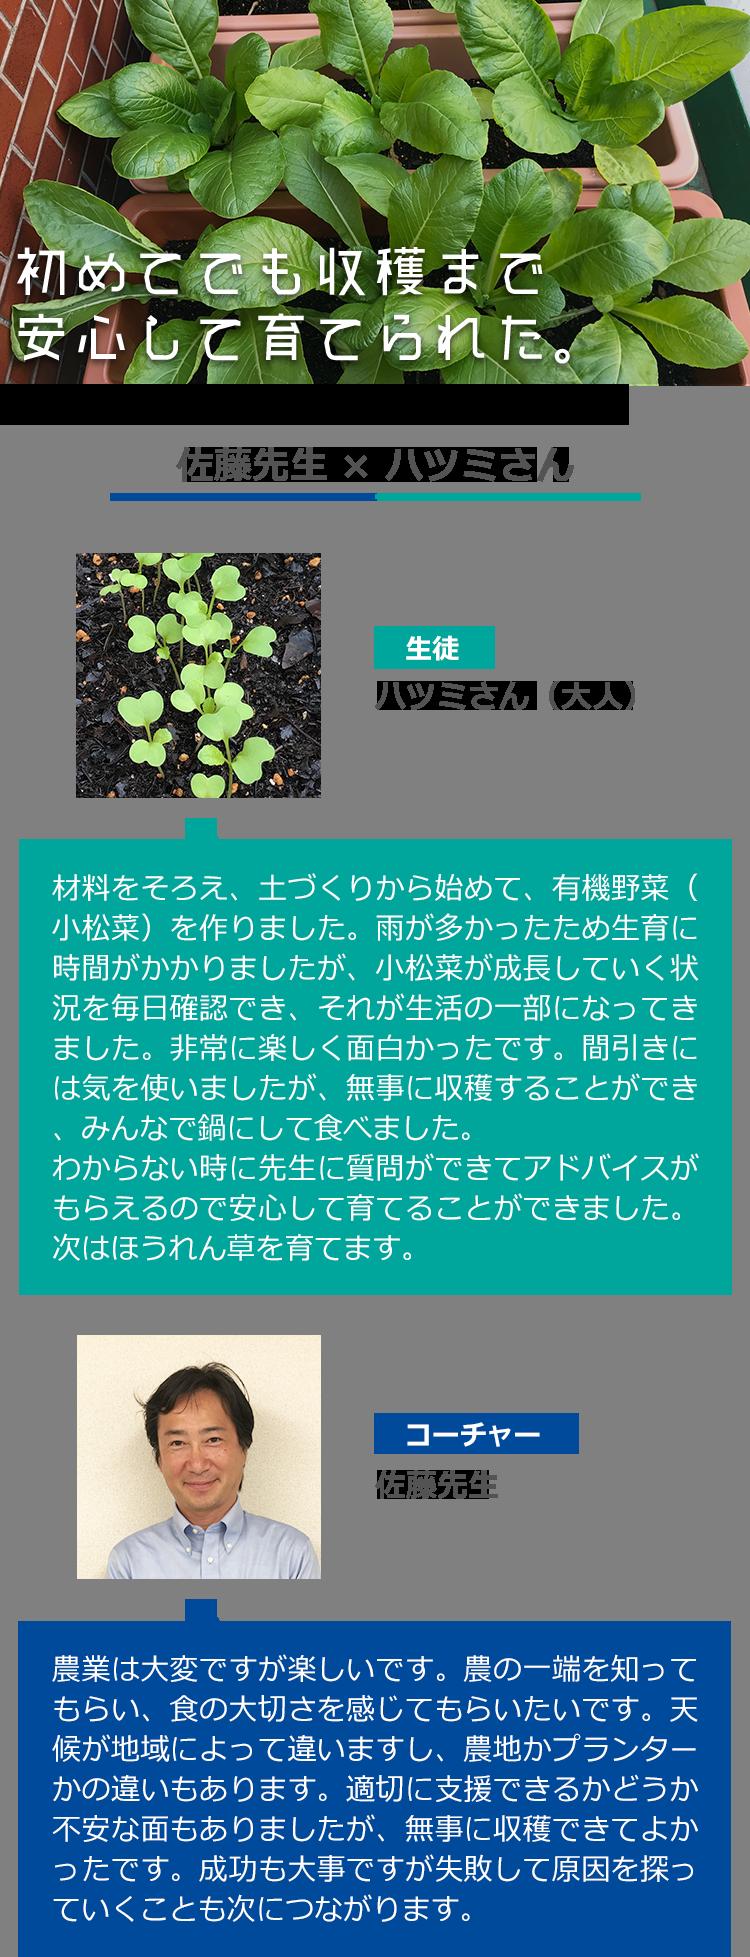 材料をそろえ、土づくりから始めて、有機野菜(小松菜)を作りました。雨が多かったため生育に時間がかかりましたが、小松菜が成長していく状況を毎日確認でき、それが生活の一部になってきました。非常に楽しく面白かったです。間引きには気を使いましたが、無事に収穫することができ、みんなで鍋にして食べました。